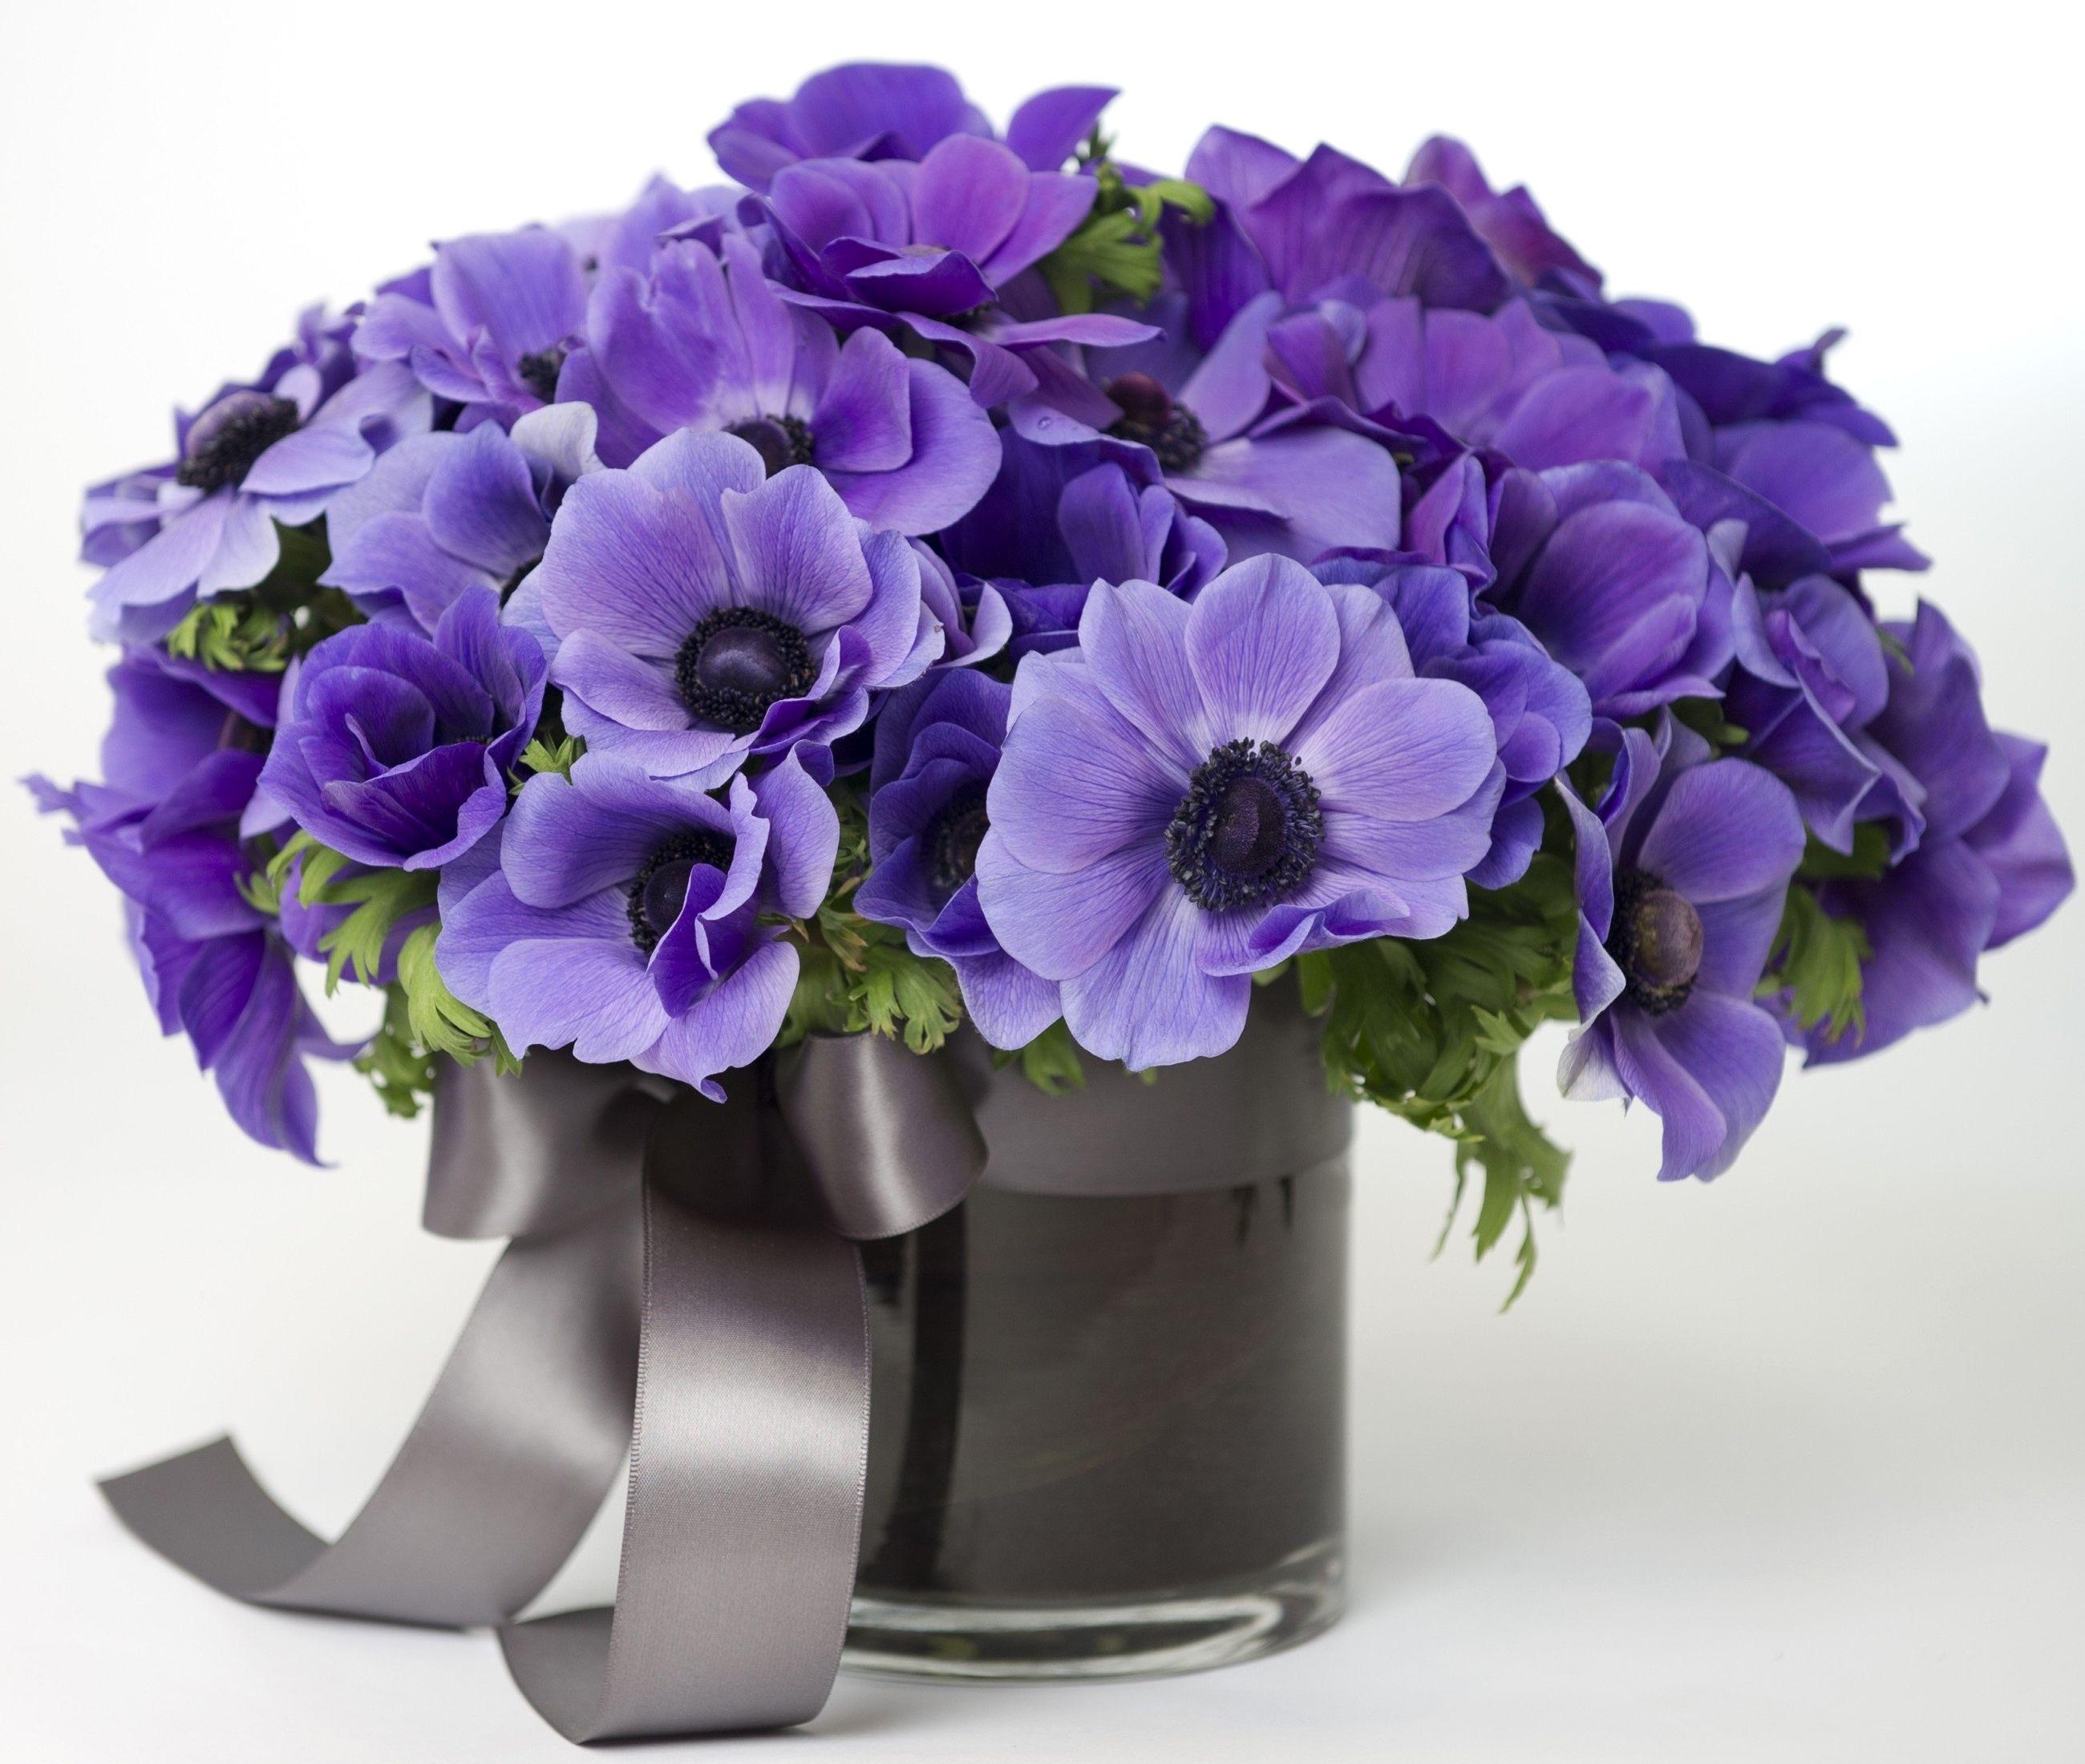 Bouquets Anemones Vase Violet Fond Blanc Fleurs Fleurs Arrangements Ikebana Anemone